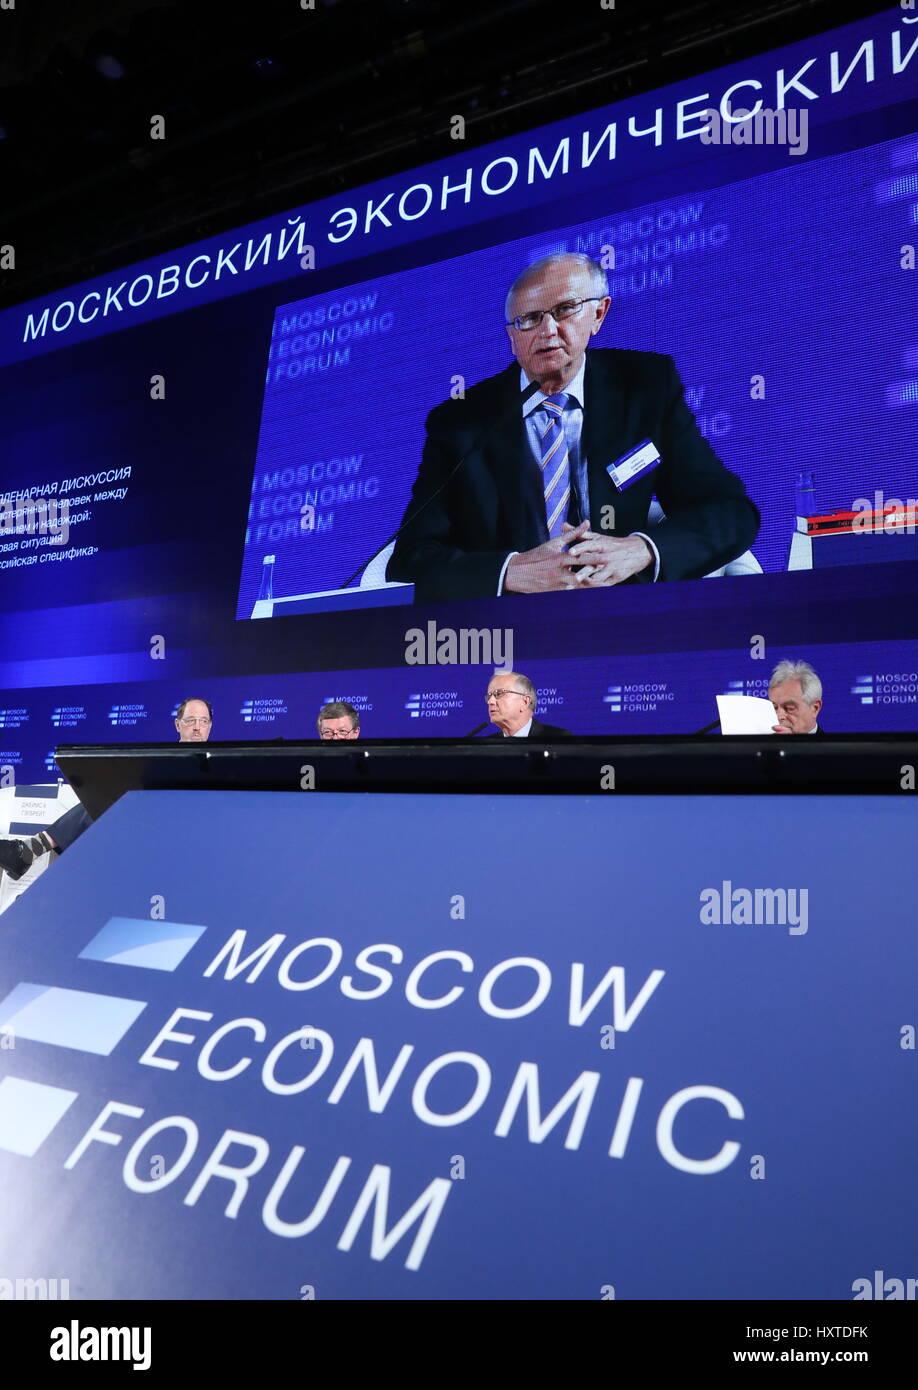 Moskau, Russland. 30. März 2017. Eine Plenumsdiskussion im Rahmen ...